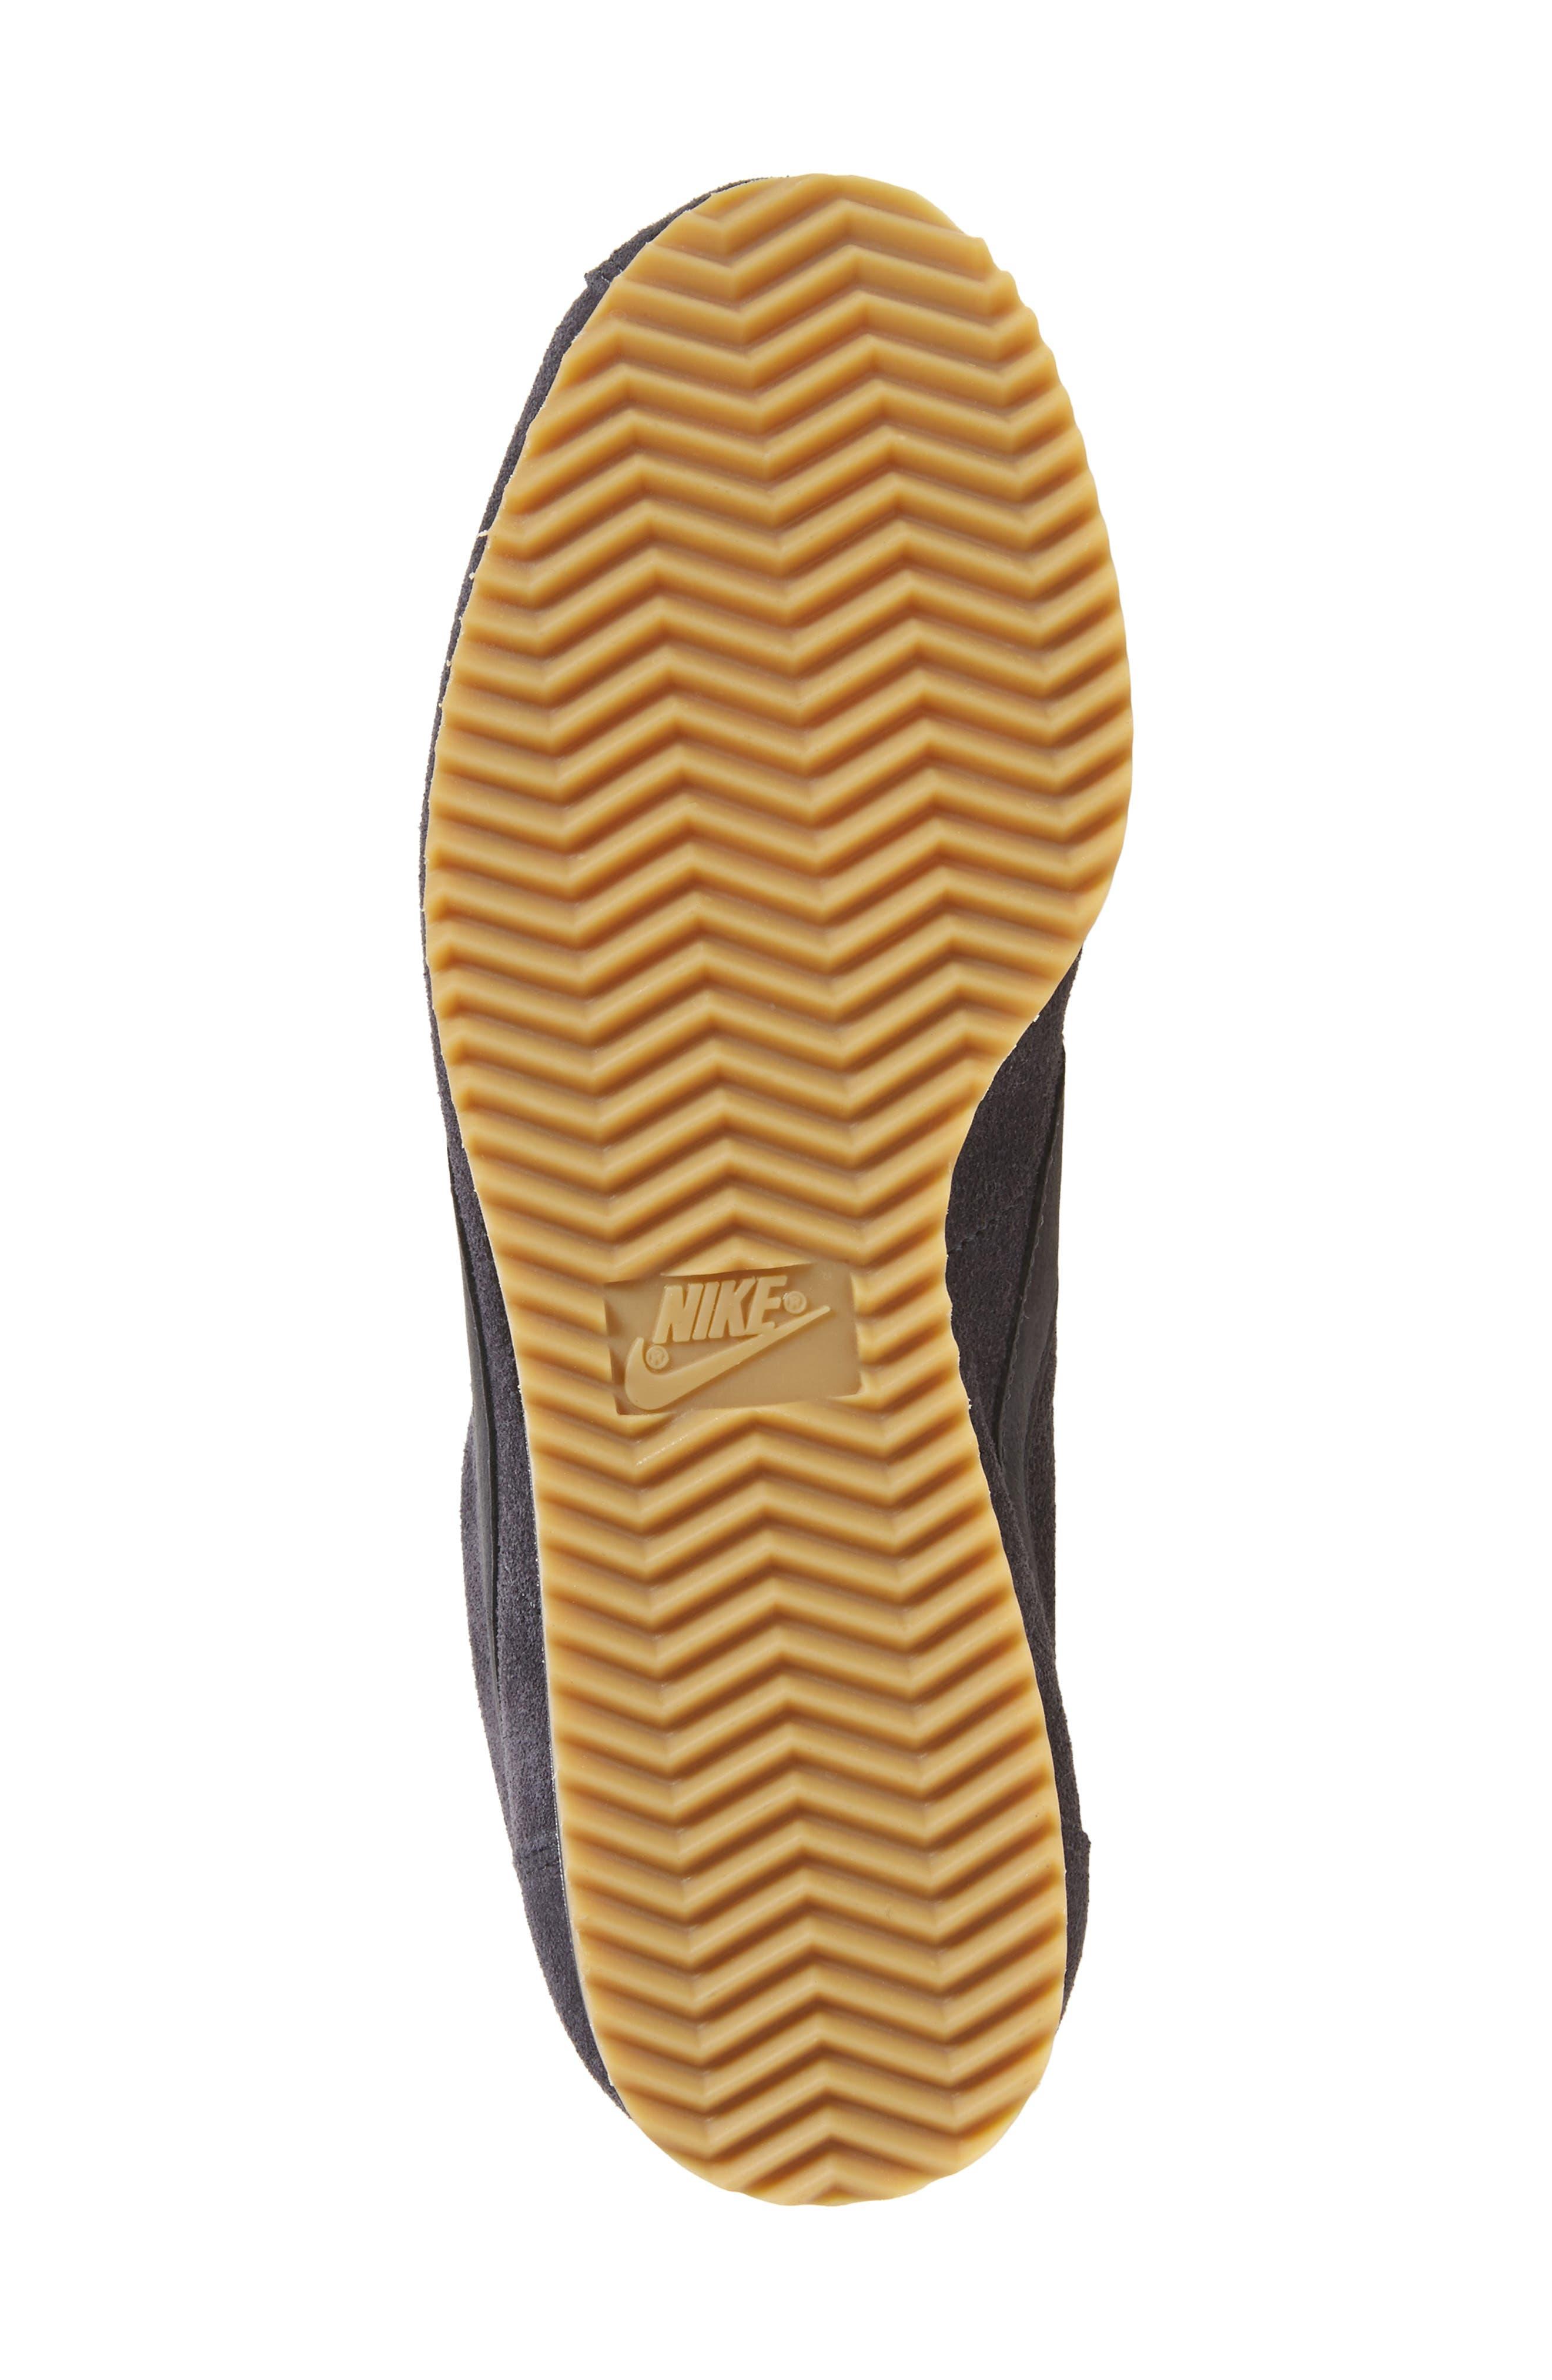 x A.L.C. Classic Cortez Sneaker,                             Alternate thumbnail 6, color,                             001